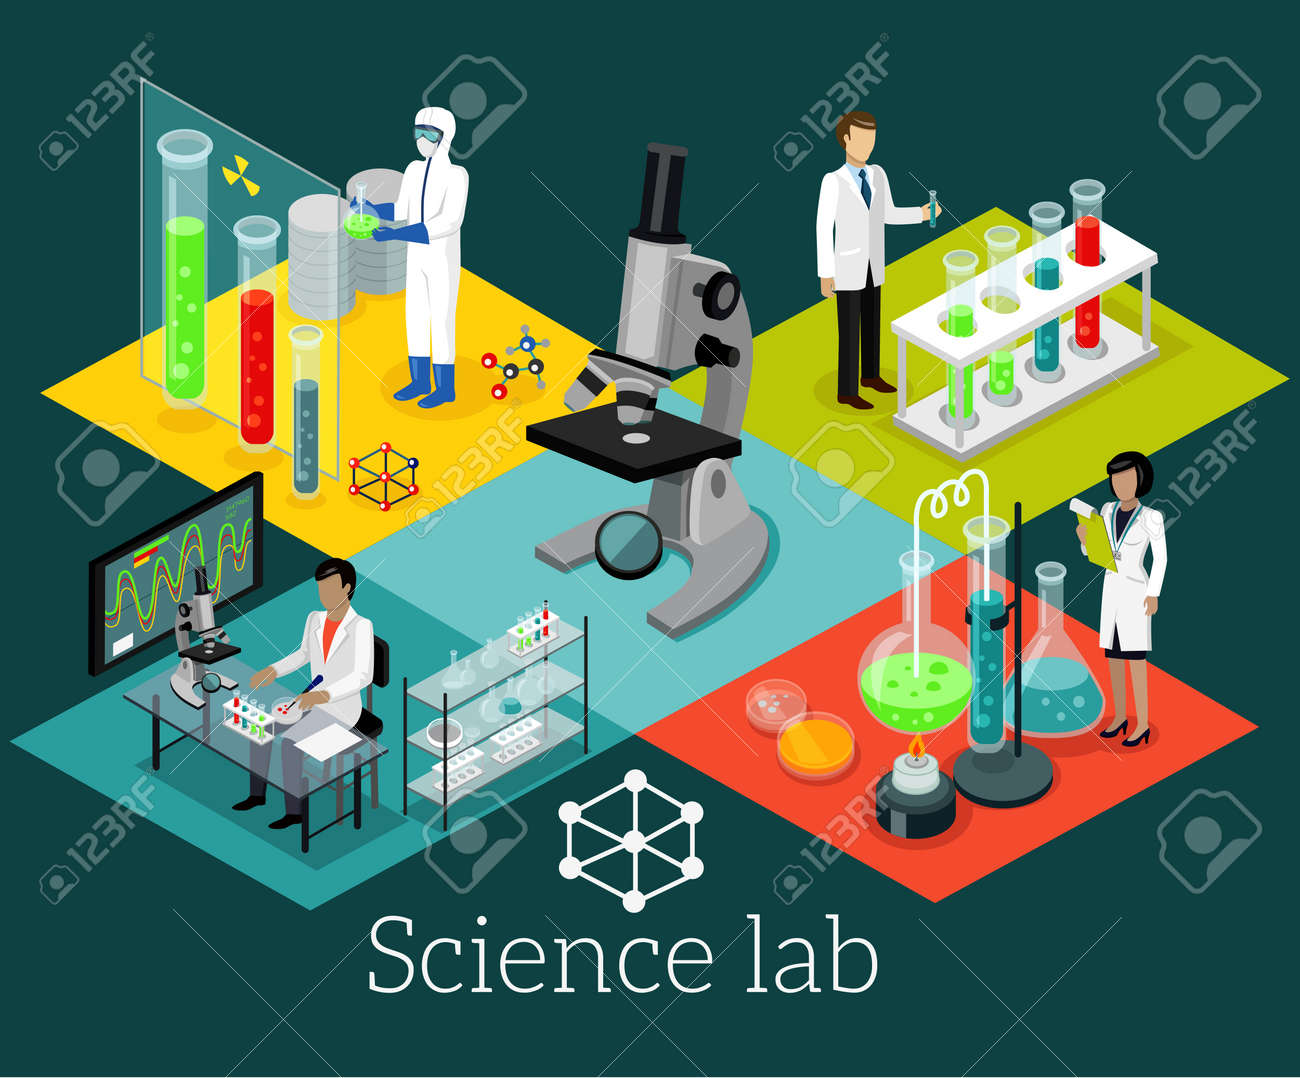 Laboratorio De Ciencias Isomatric Diseño Plano. La Ciencia Y El ...